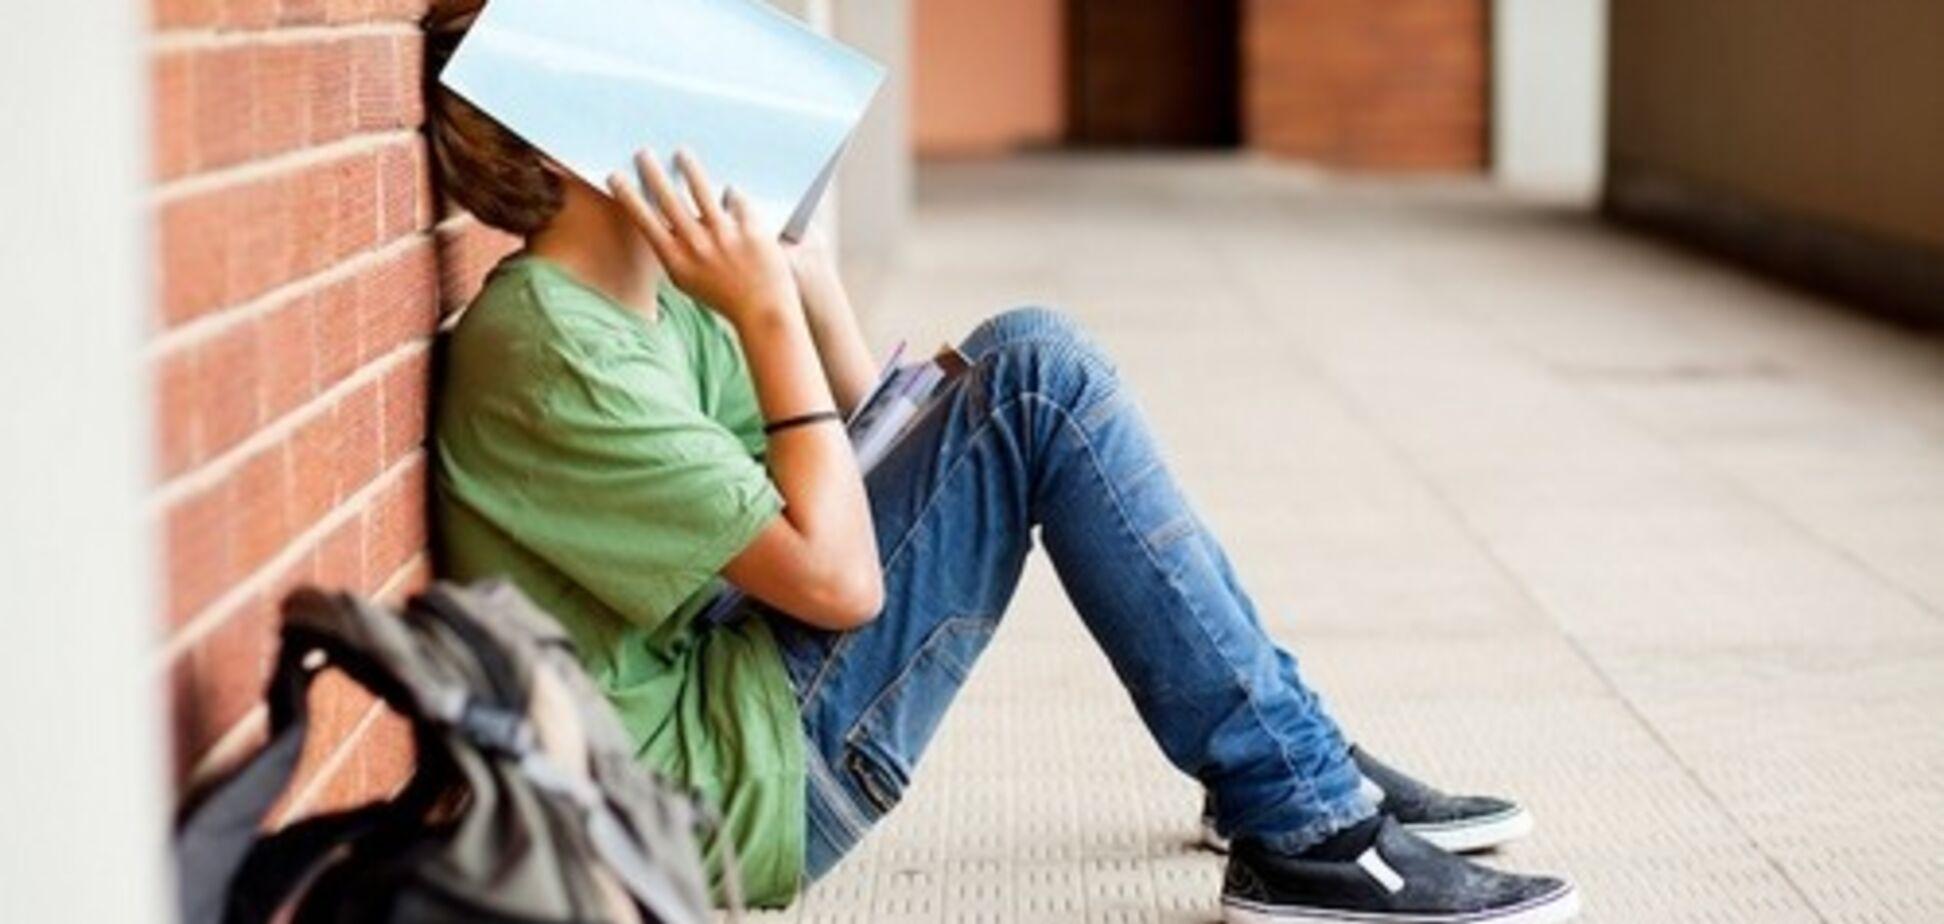 ЗНО-2019: експерт розповів про головні помилки випускників під час іспиту